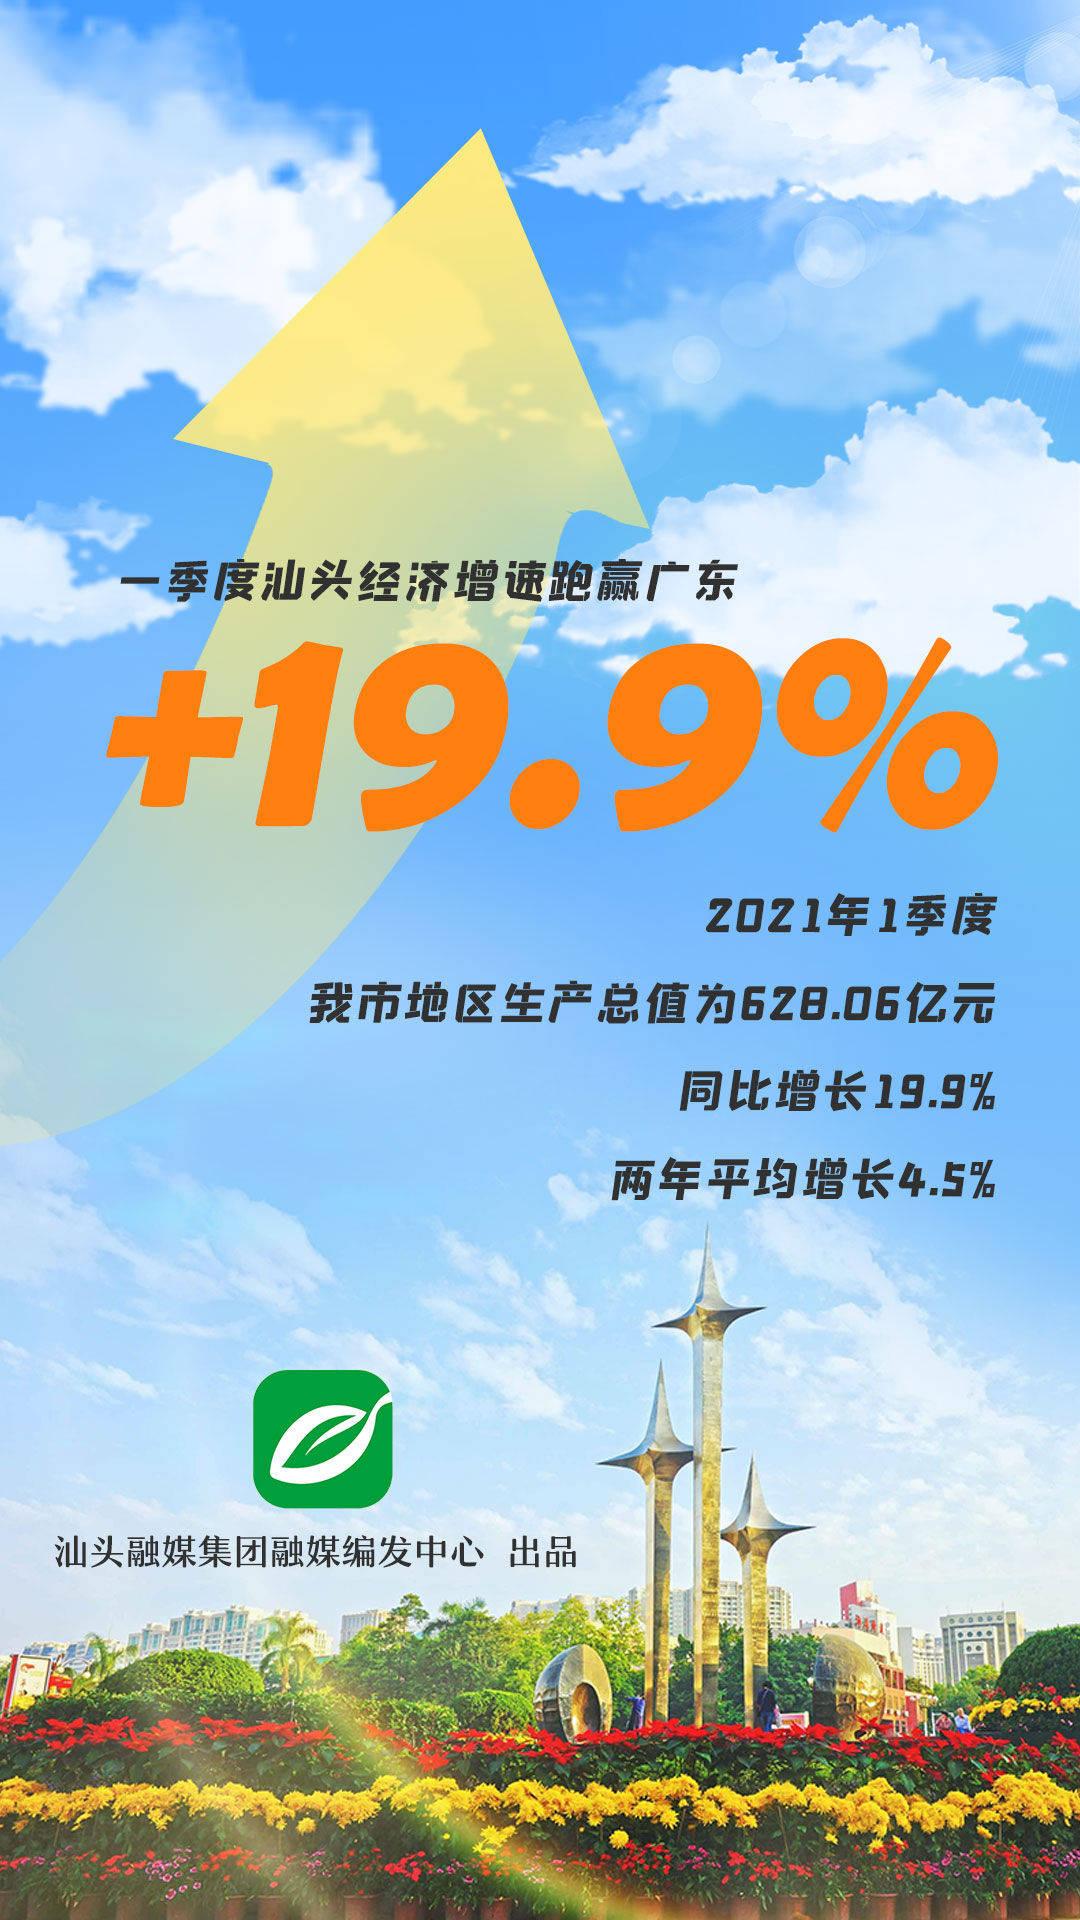 """汕头gdp_GDP增长19.9%!一季度汕头经济""""开门红"""""""